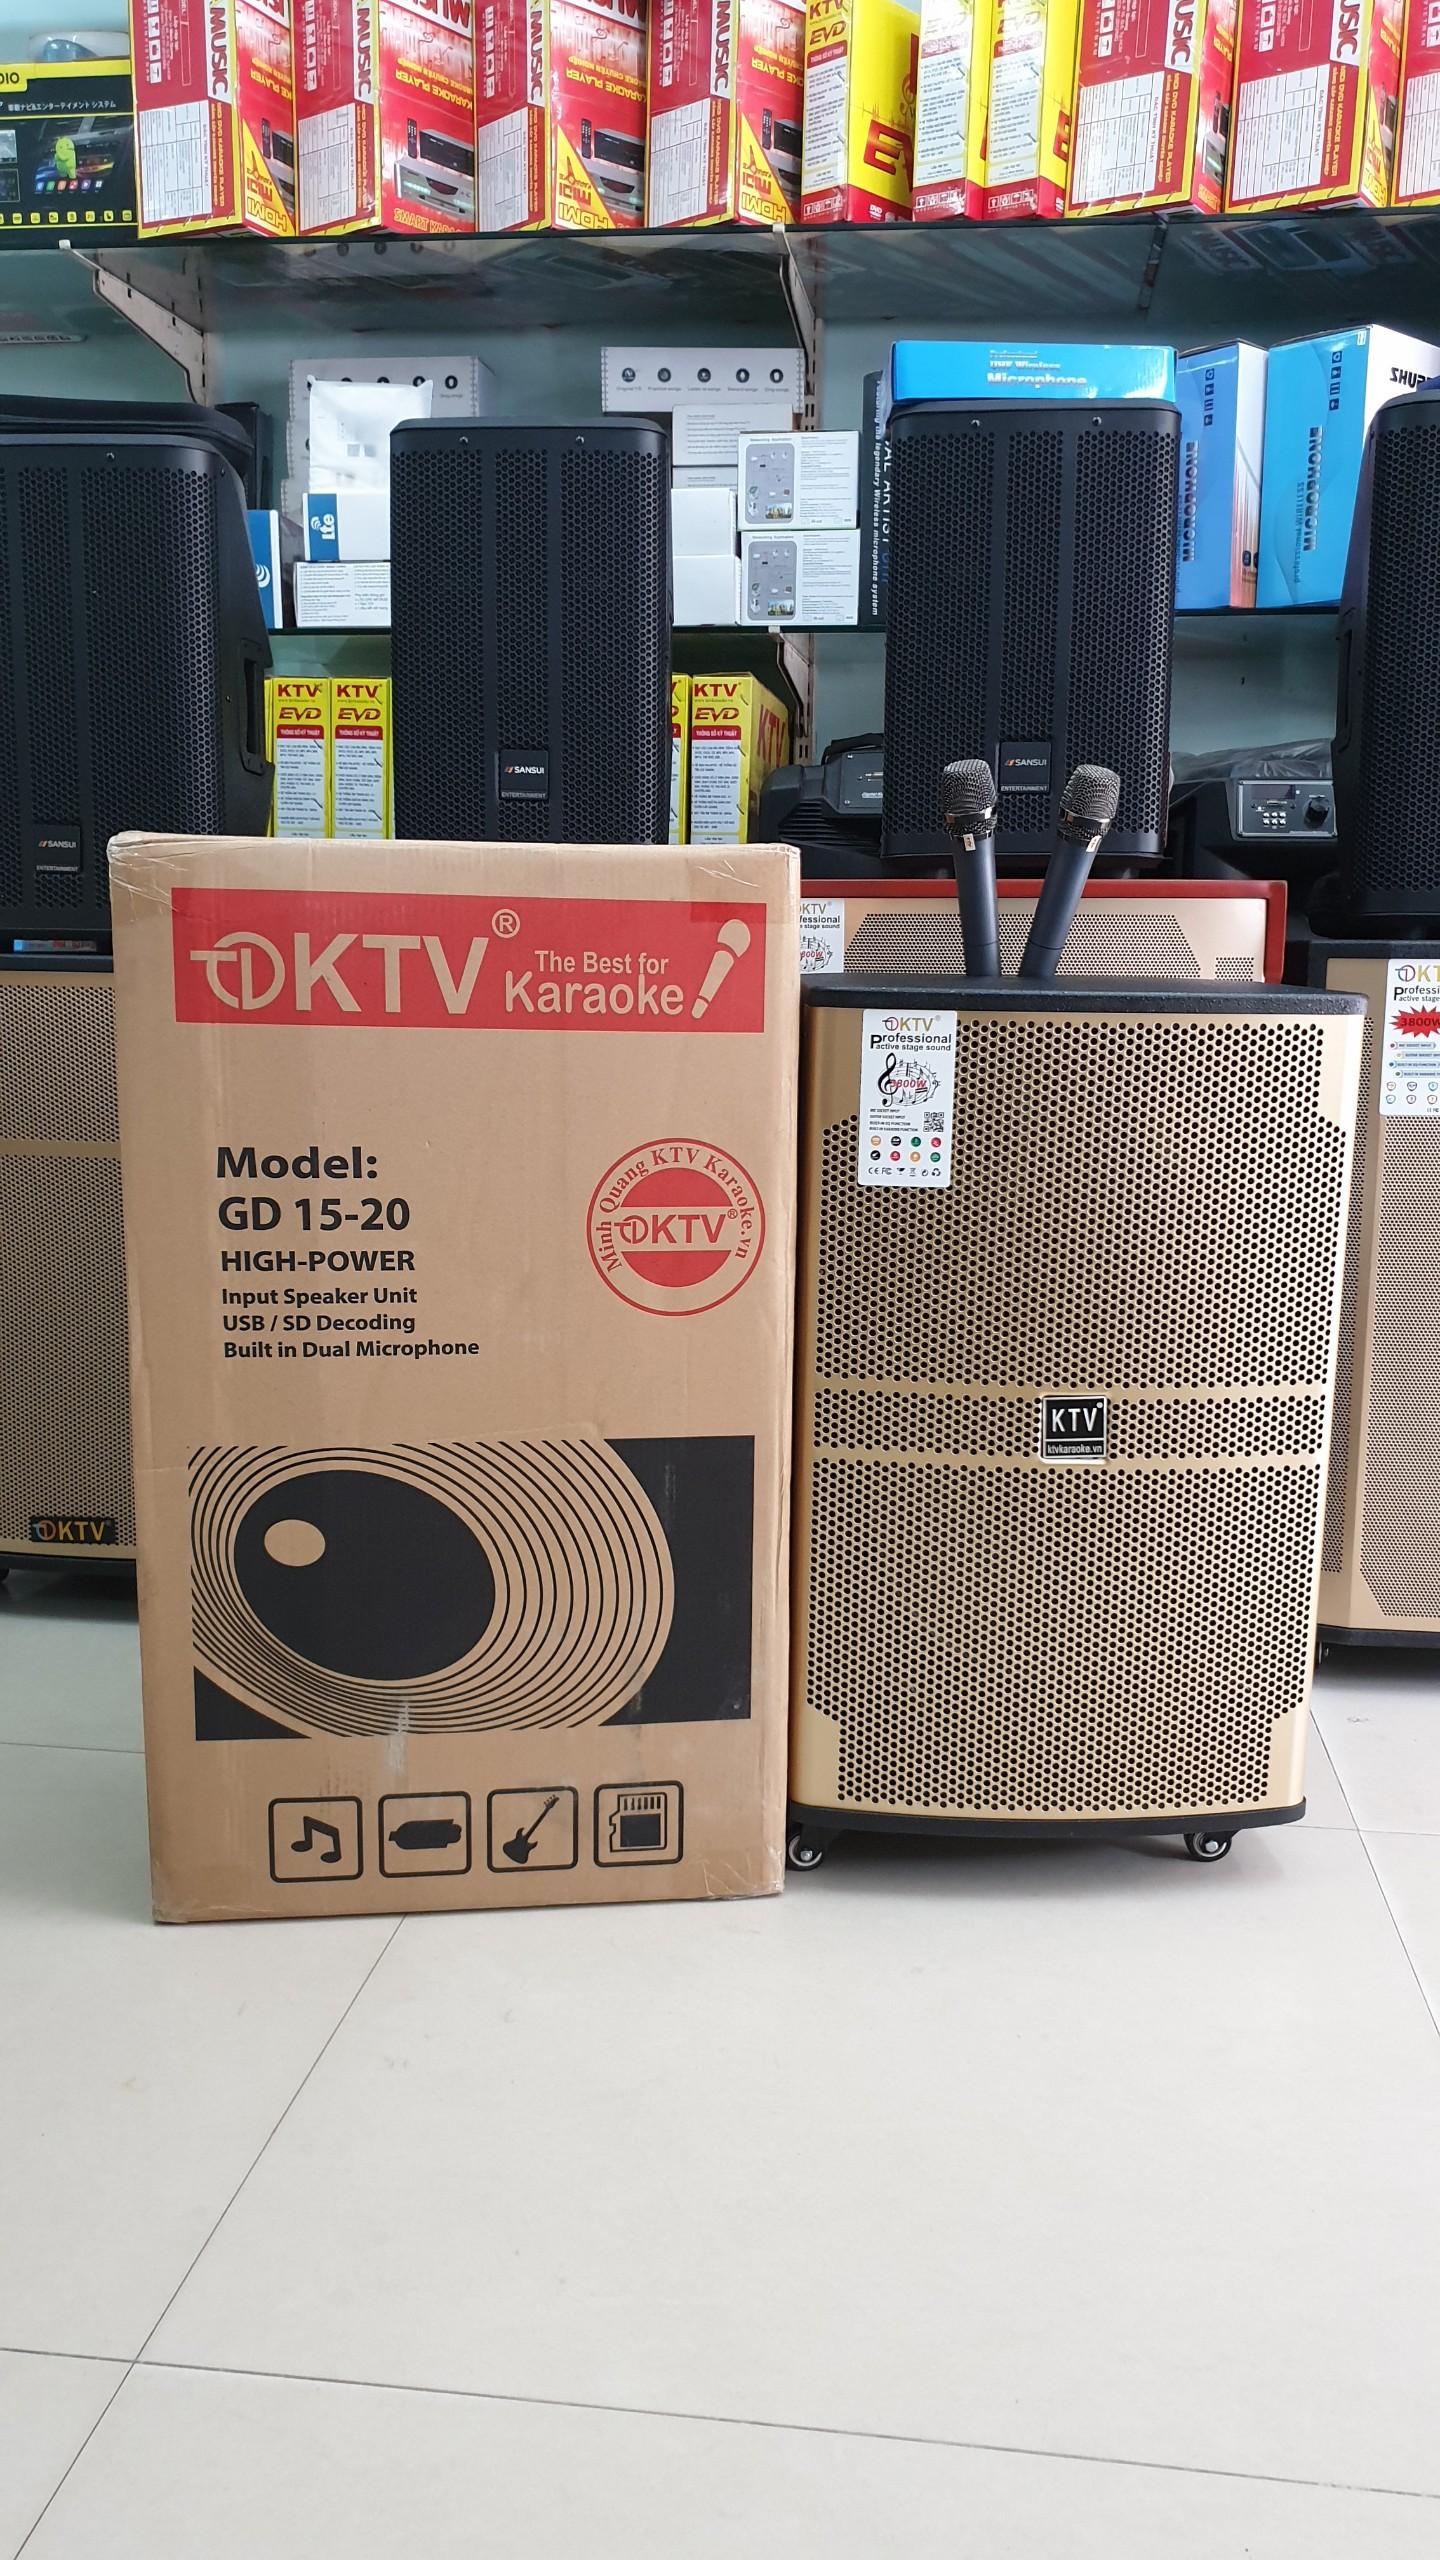 KTV GD15-20 KTV 1520